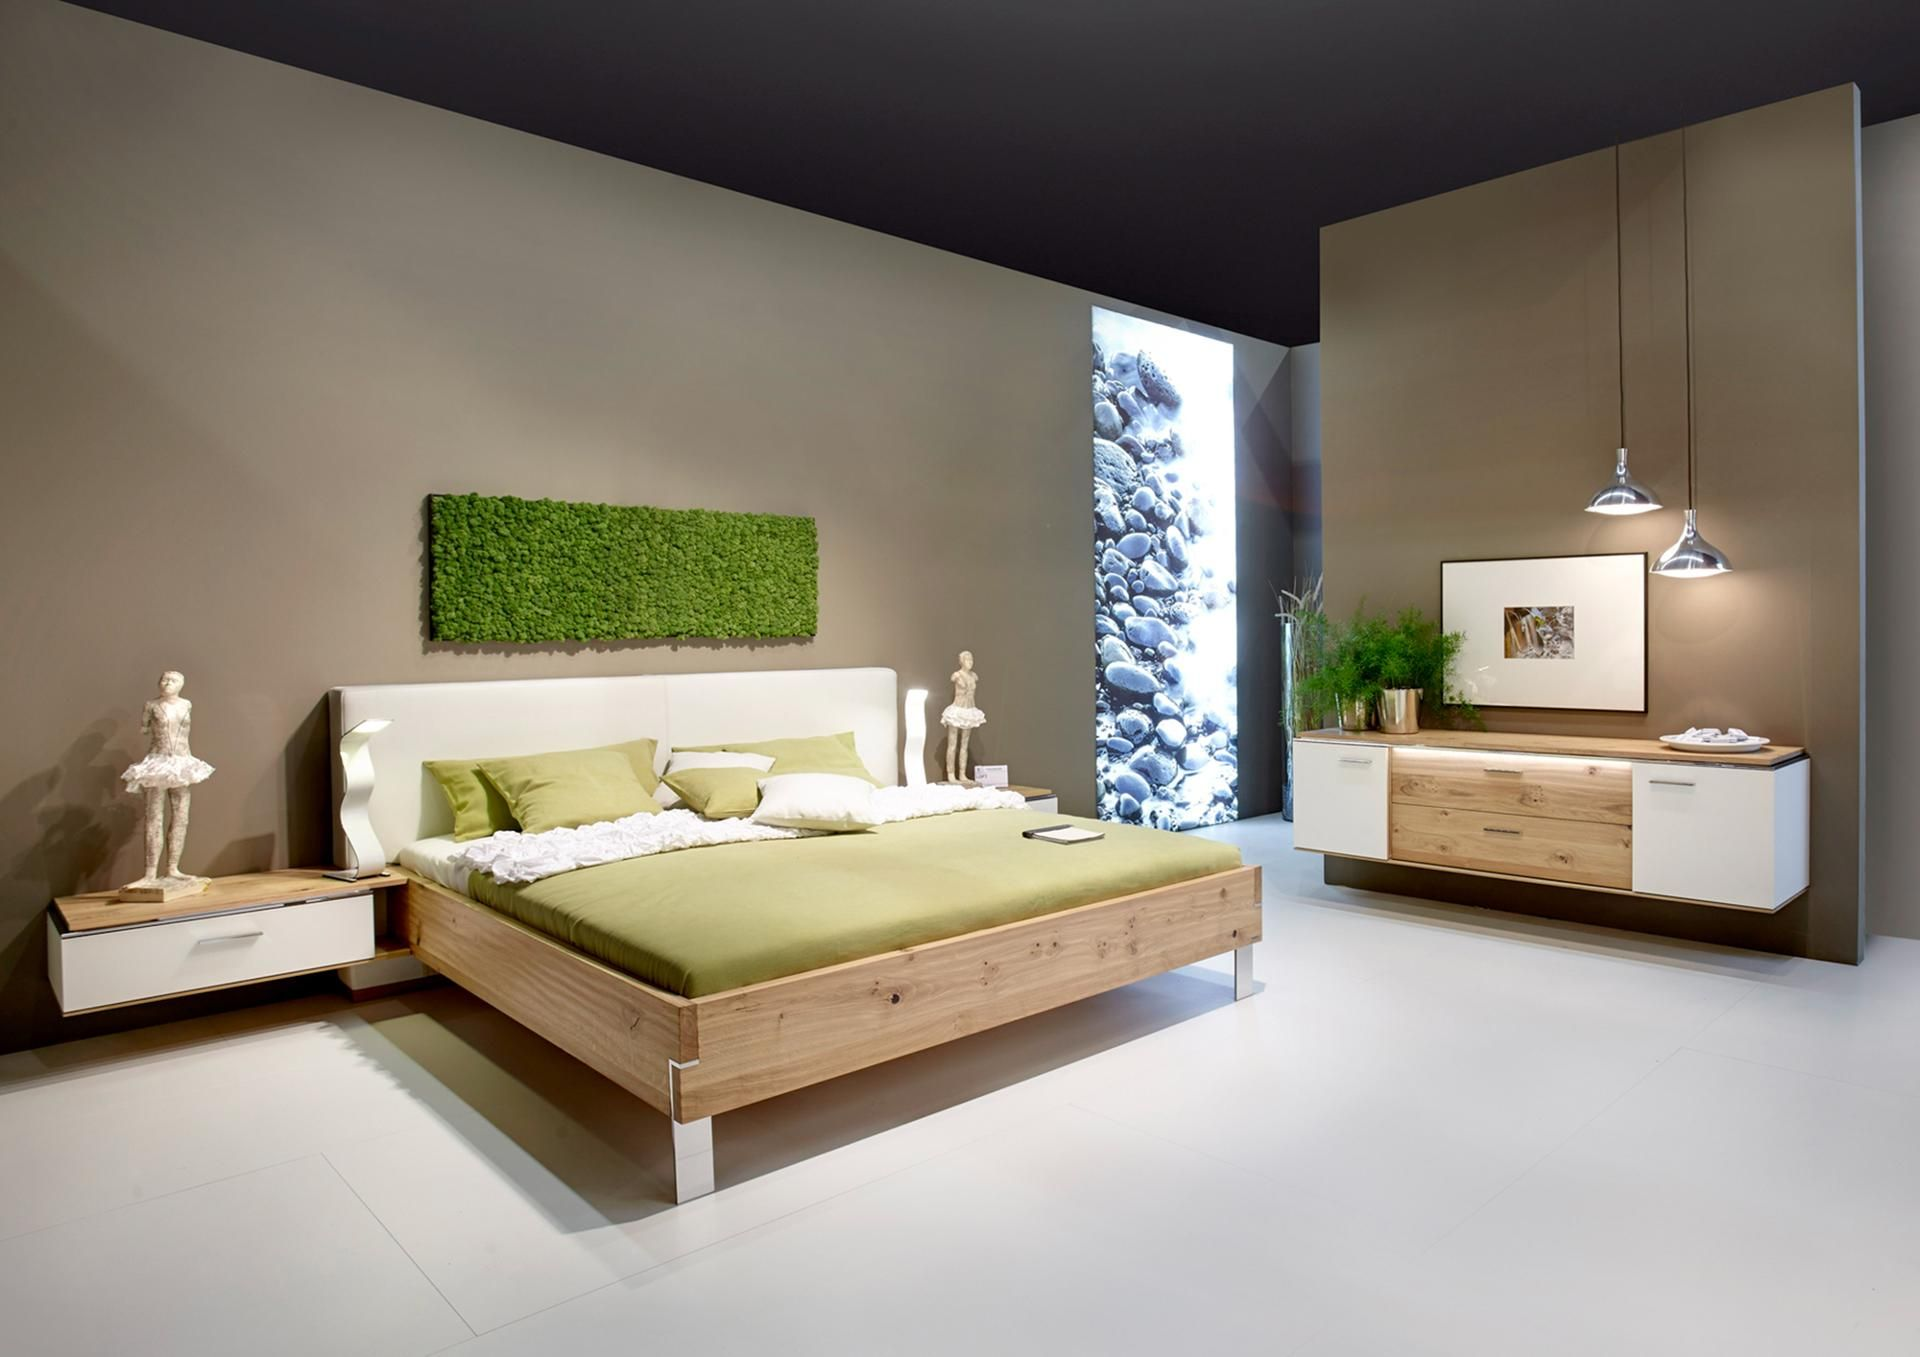 schlafzimmer gestalten farbe Schlafzimmer einrichten